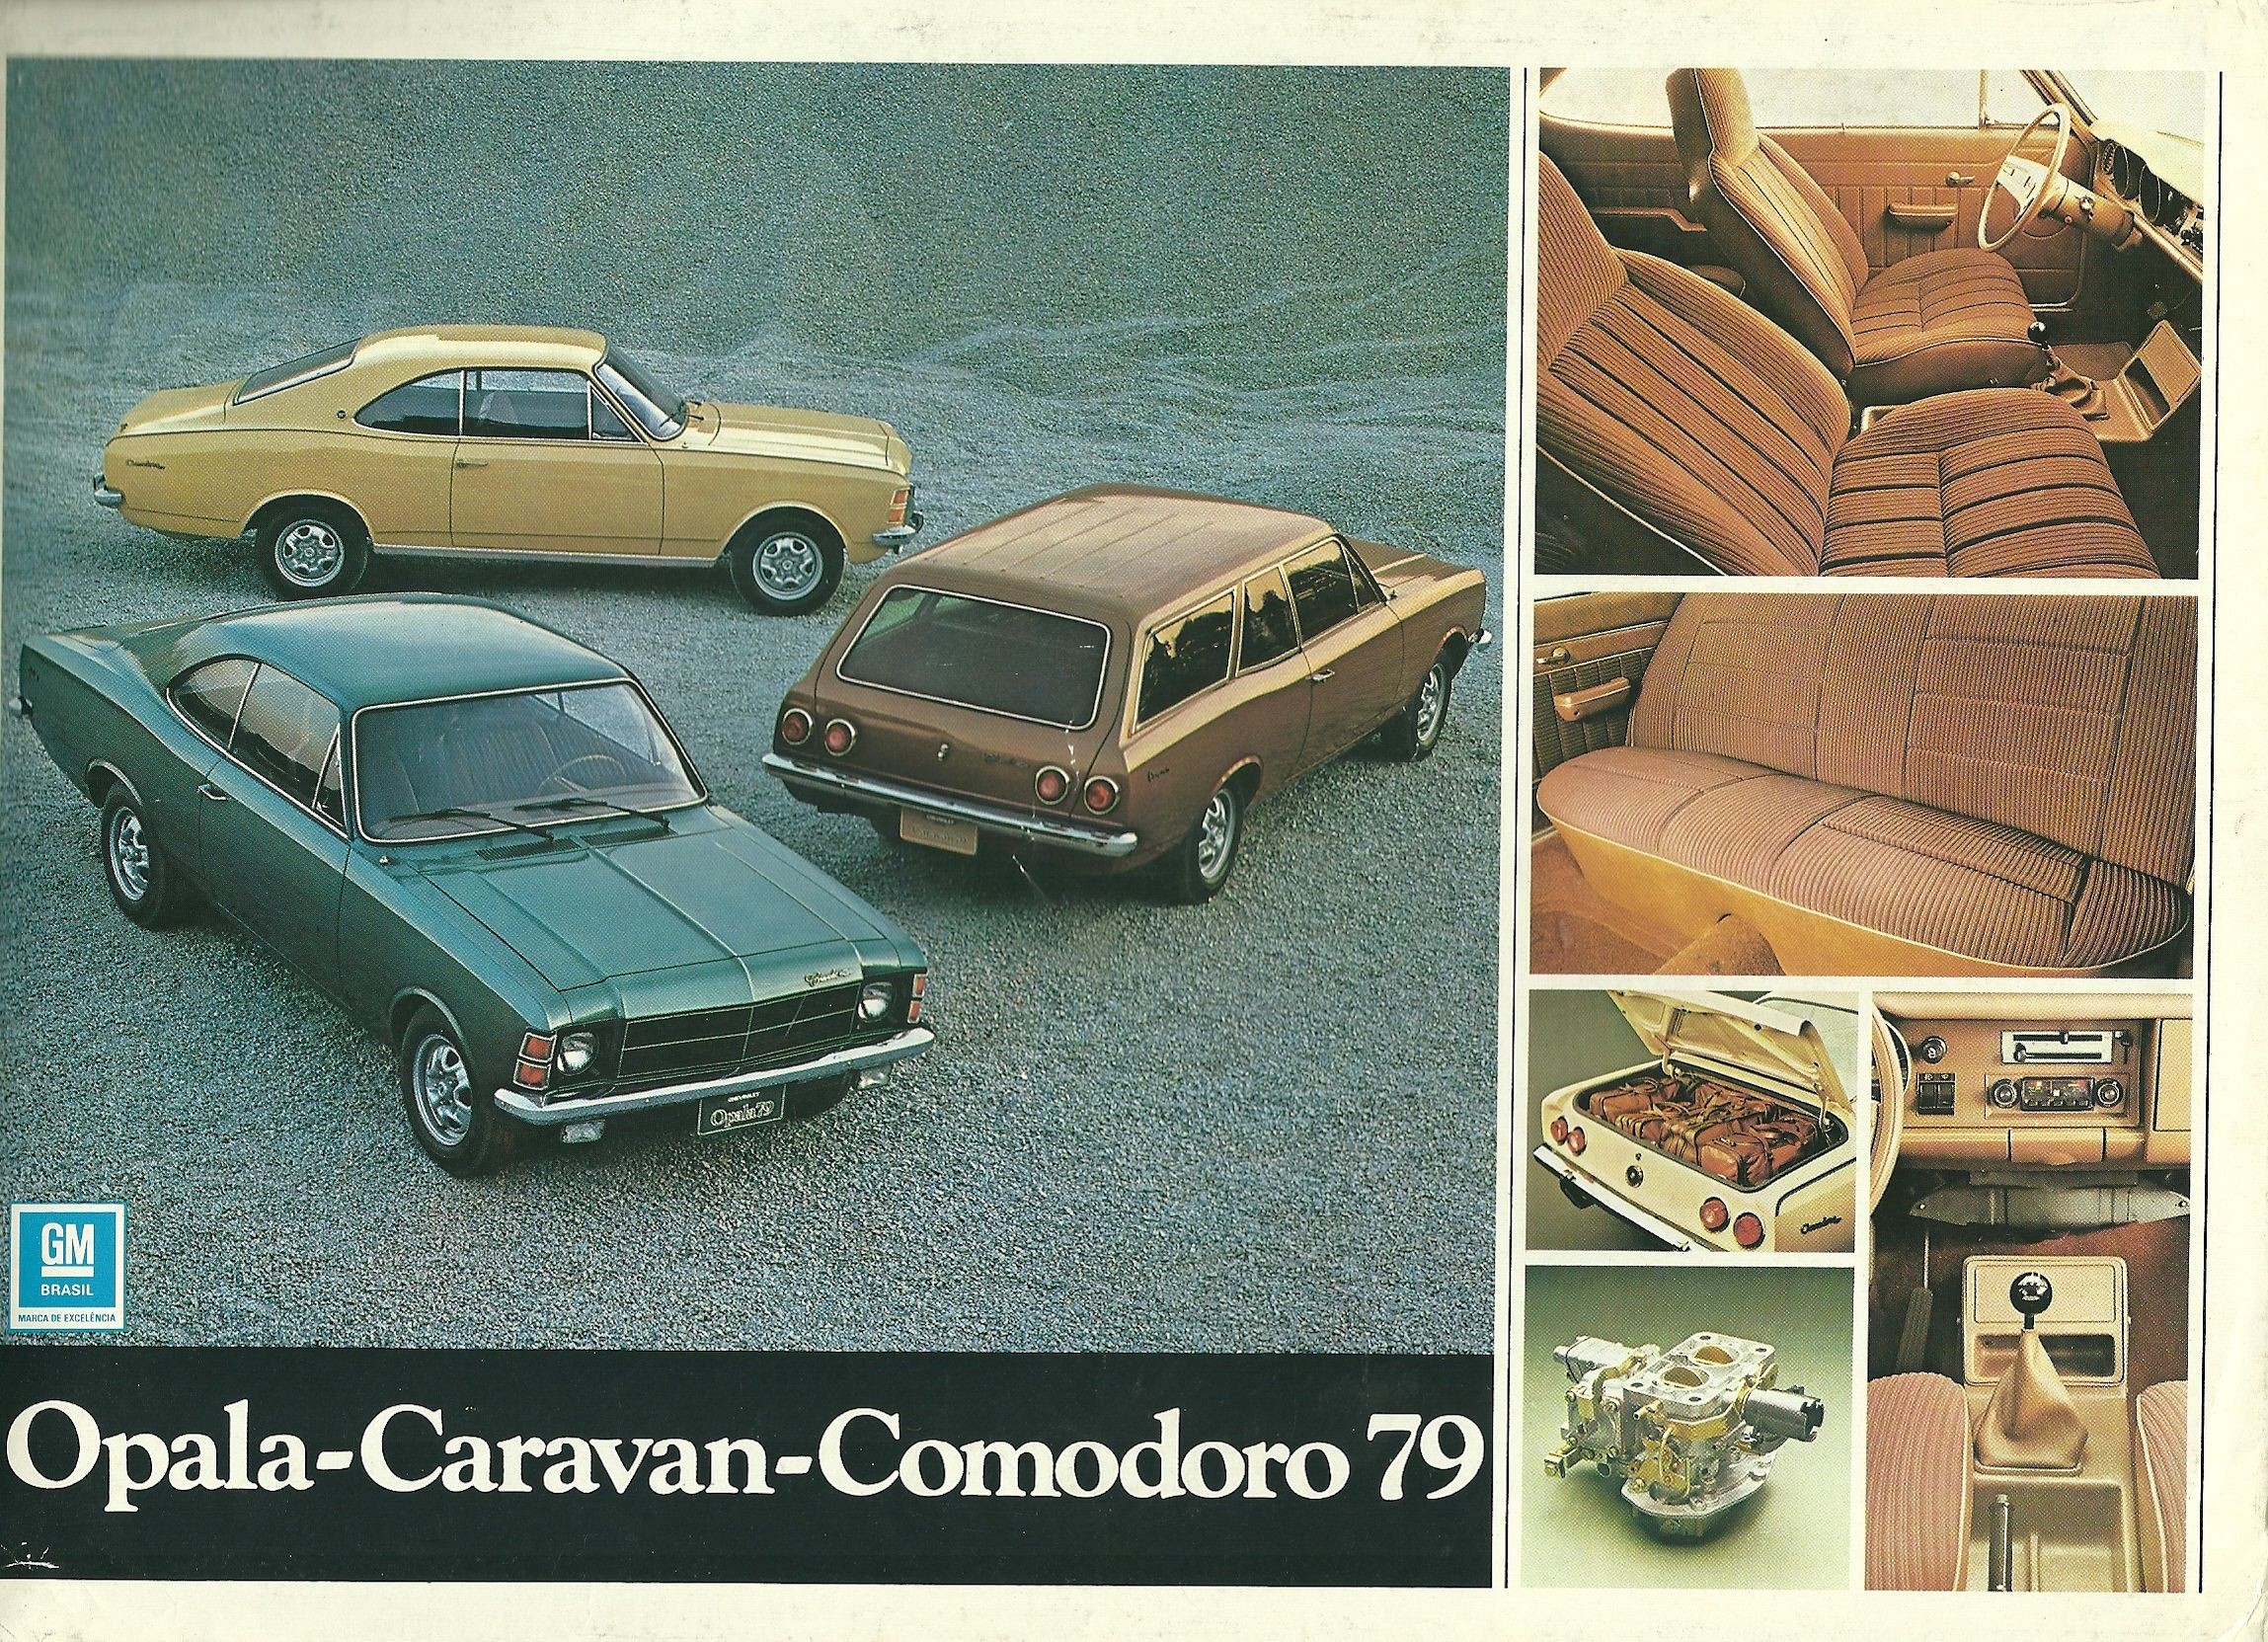 1979 Chevrolet Opala Caravan Comodoro - Brasil